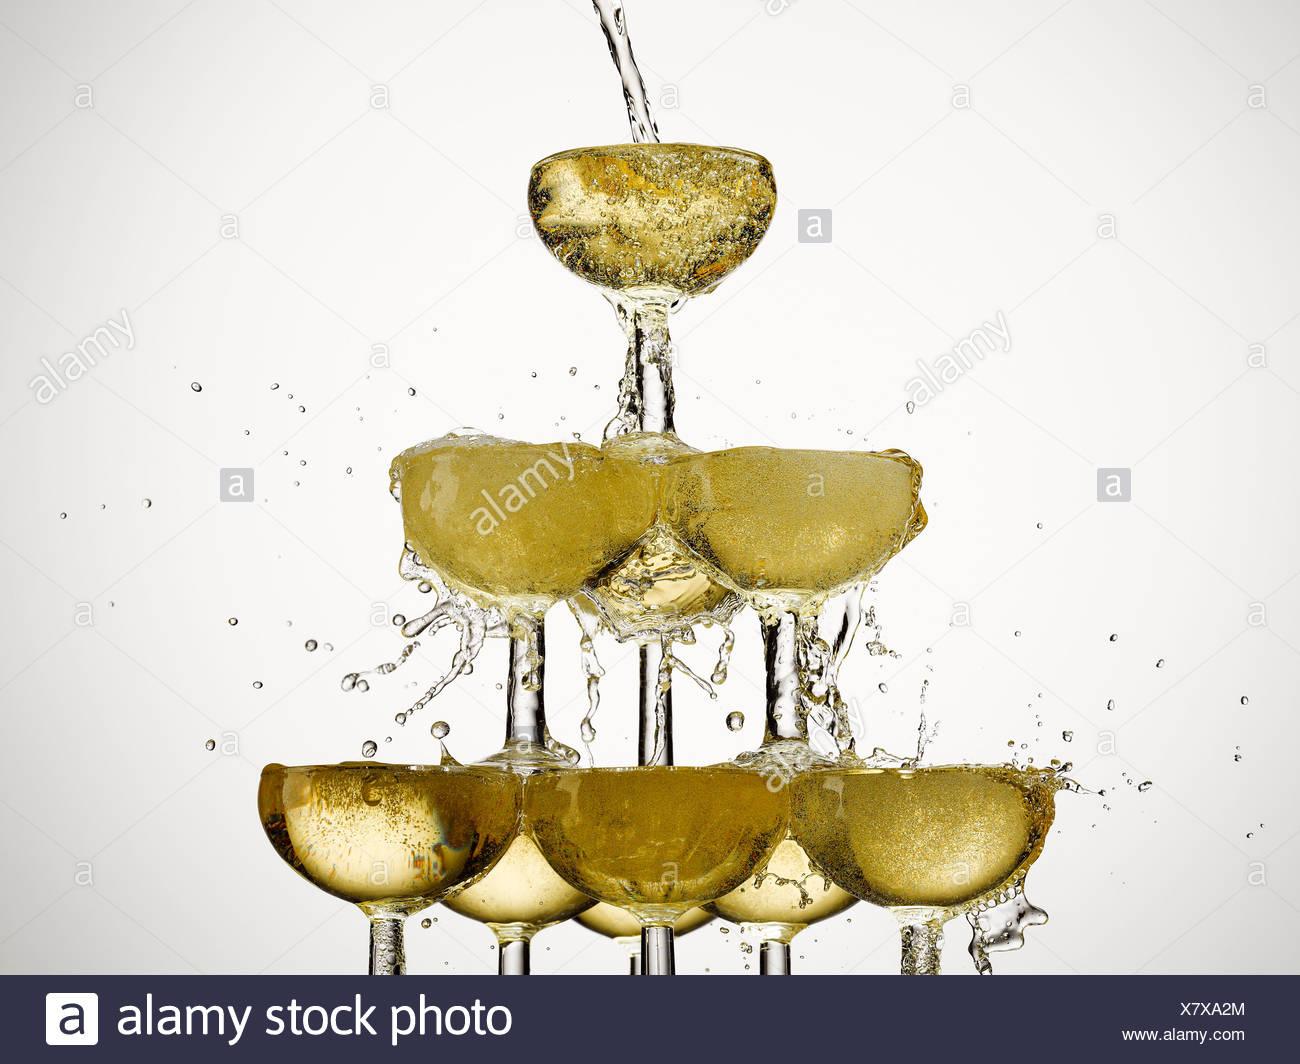 Célébration,abondance,champagne,le verre à champagne,image,couleur,concept,énergie,excès d'exubérance, compléter,mousse, et de l'alimentation Banque D'Images